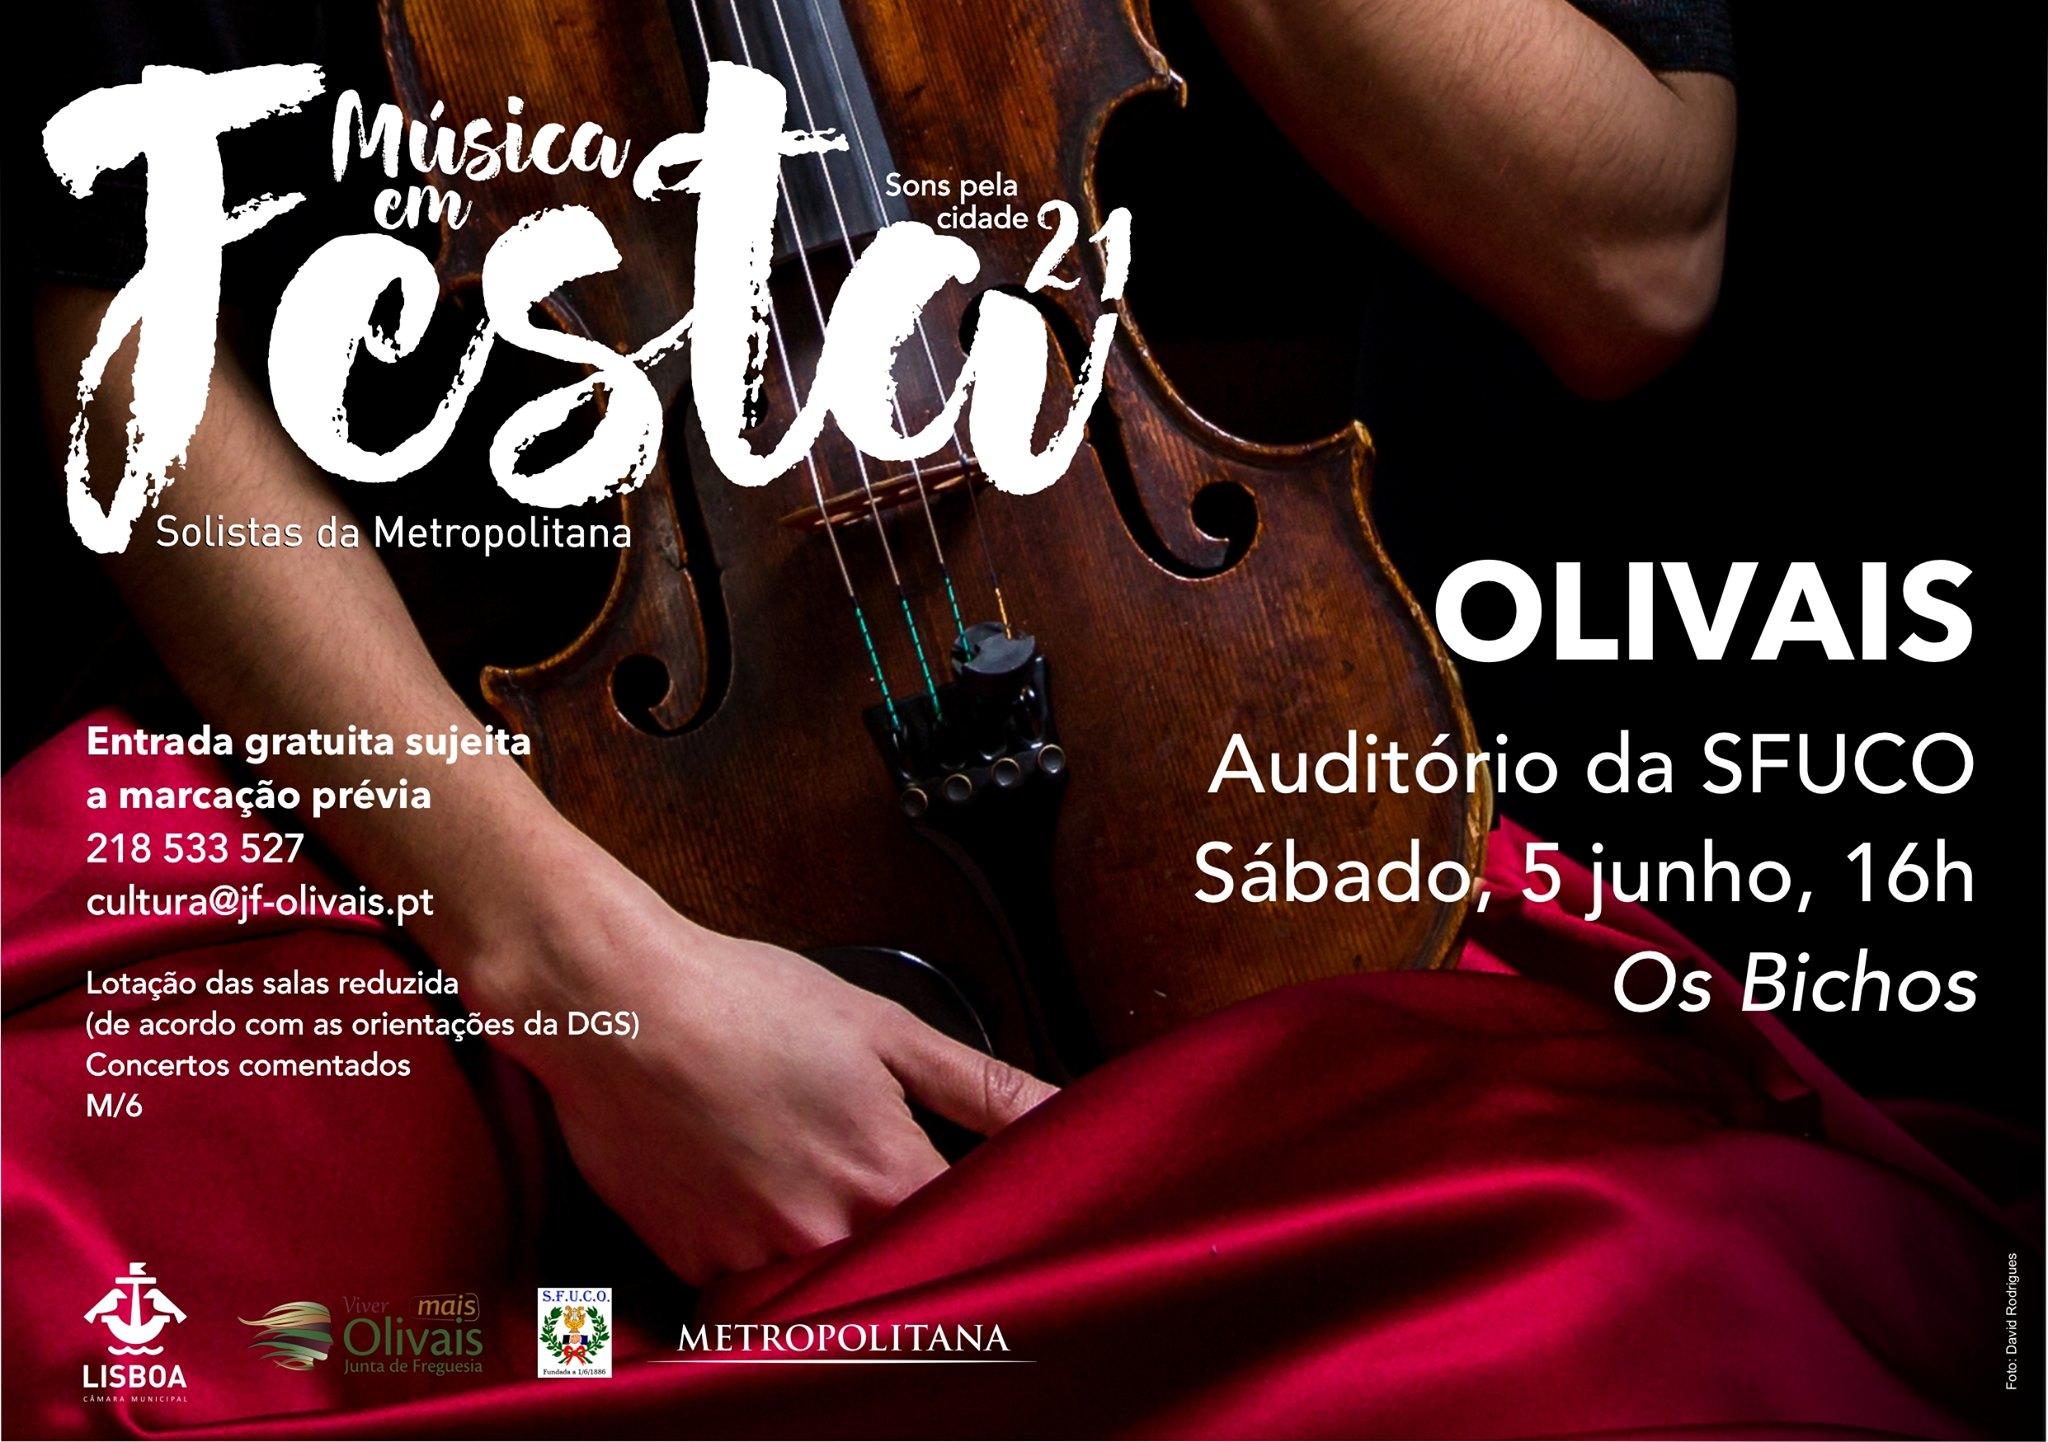 Sons pela cidade'21 - Olivais